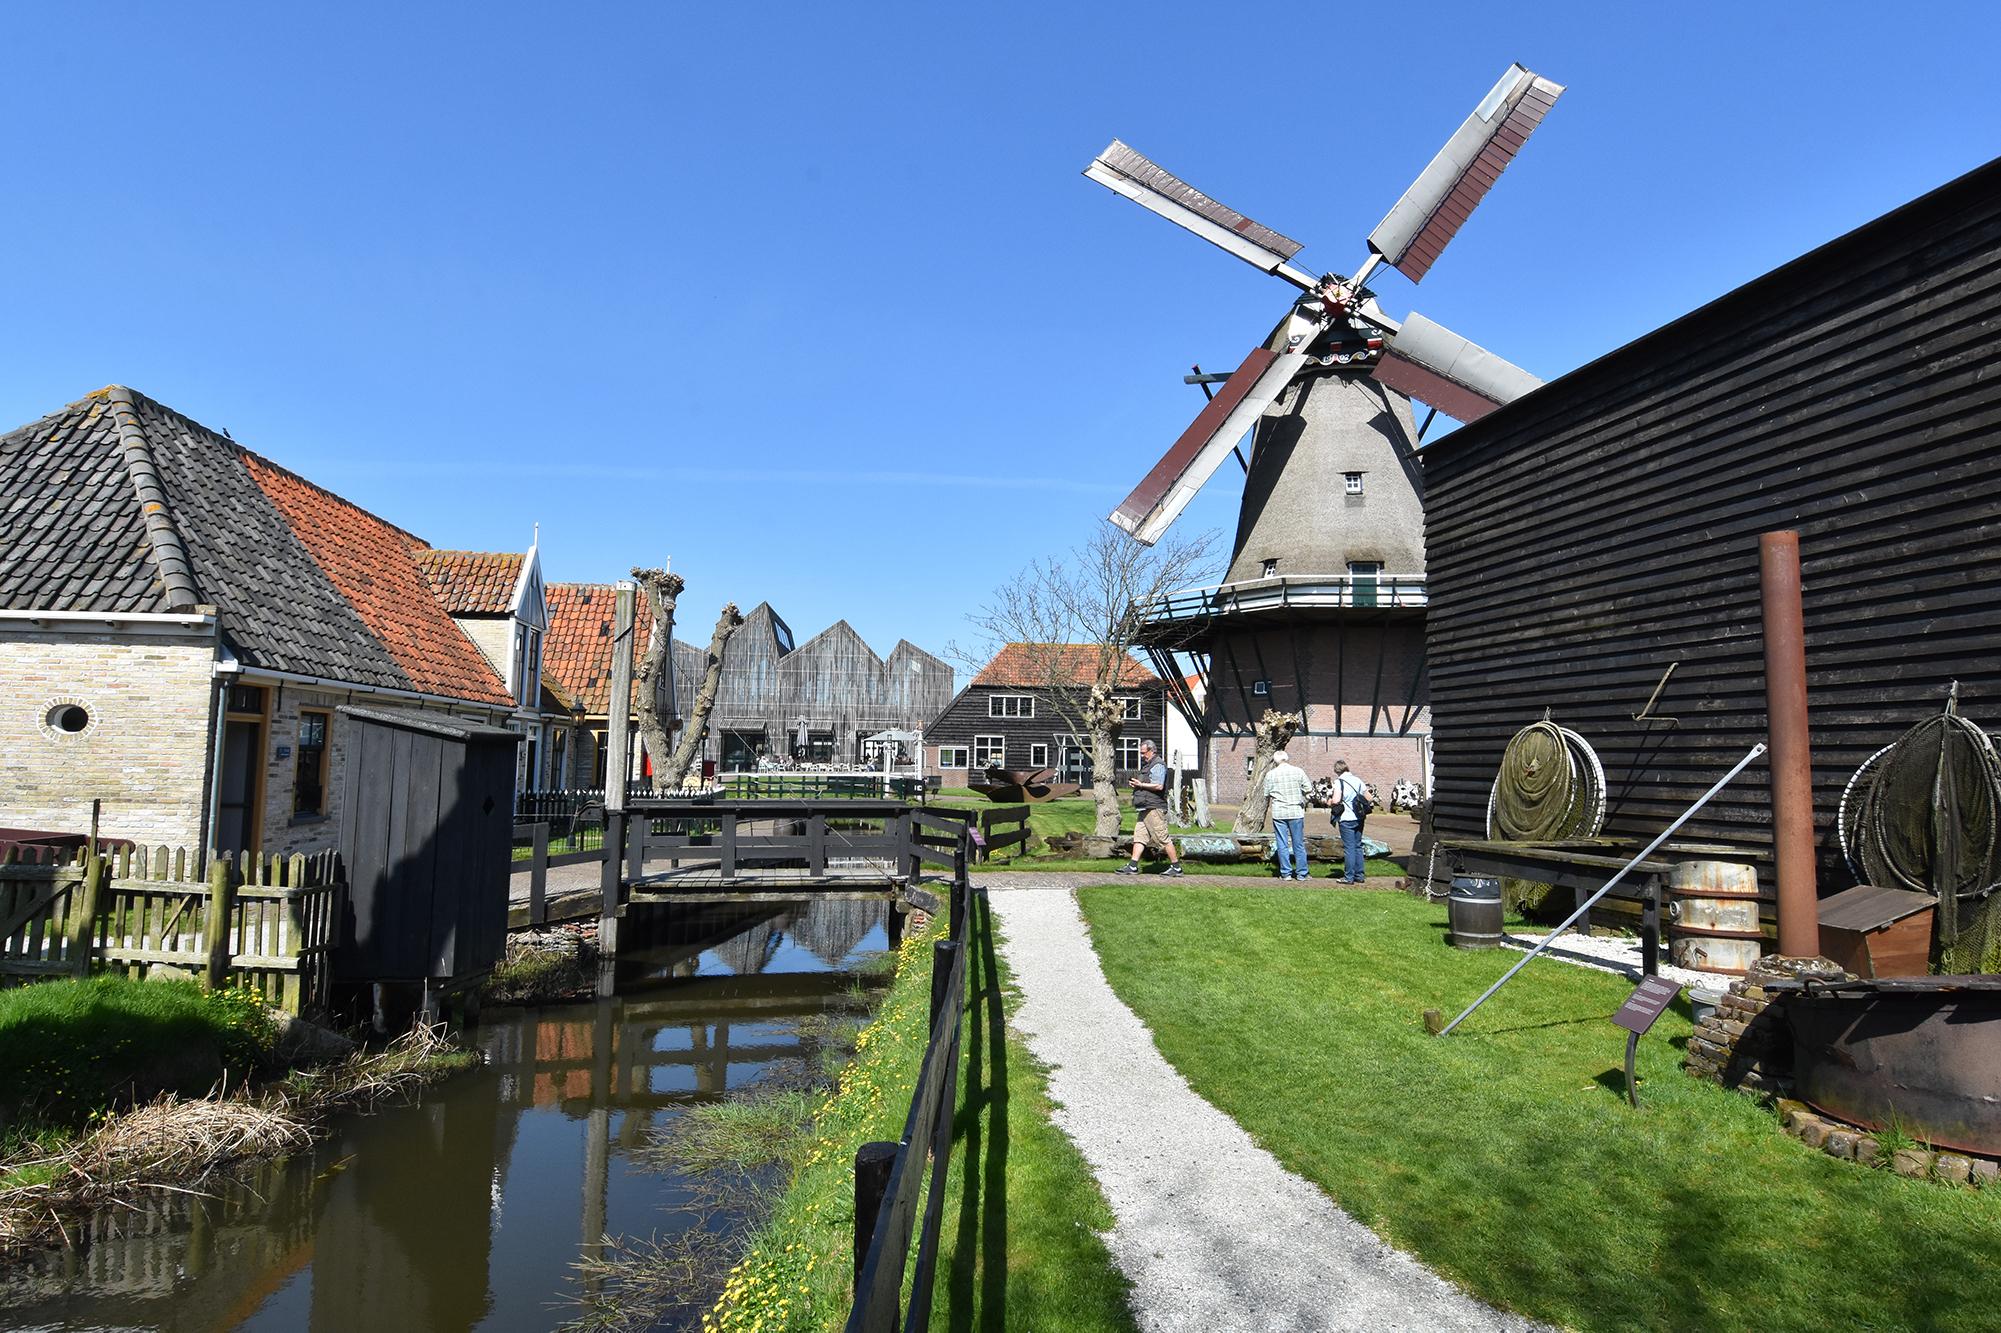 Het buitenterrein van Museum Kaap Skil met oude huizen en de molen VVV Texel